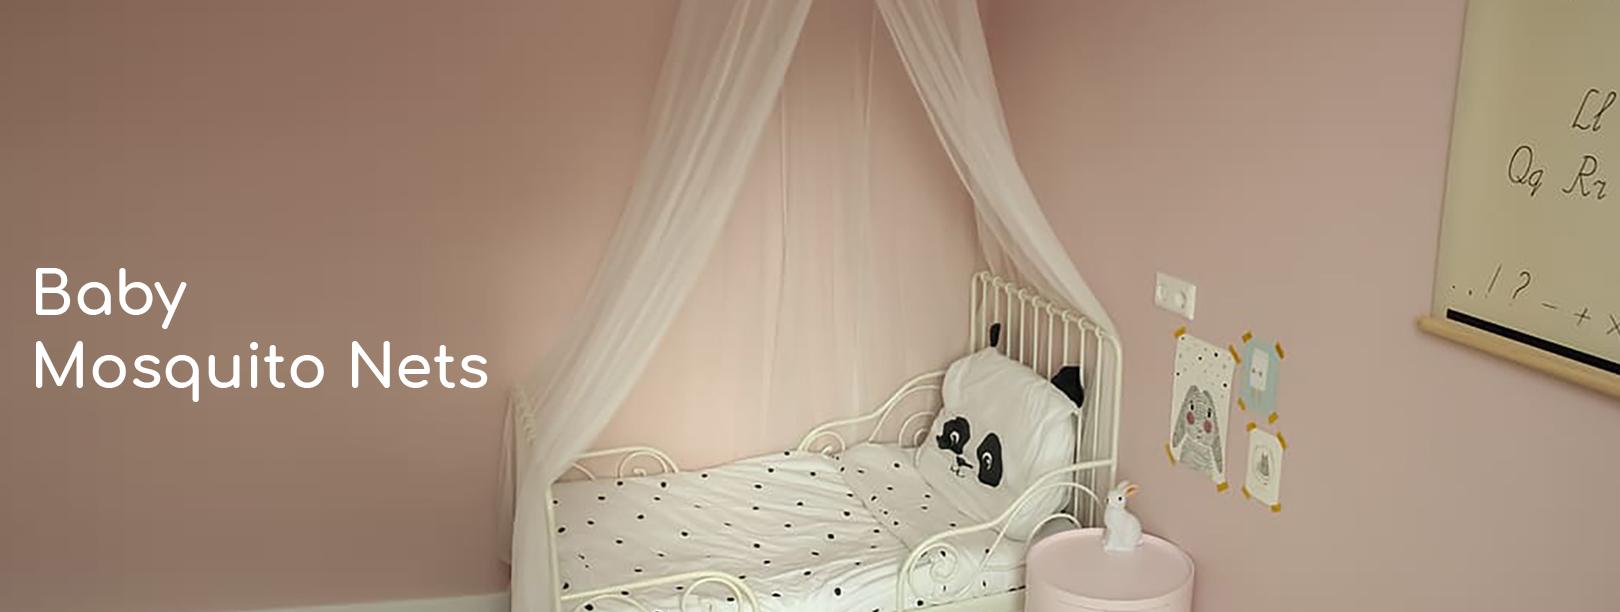 Flipkart Baby Mosquito Nets